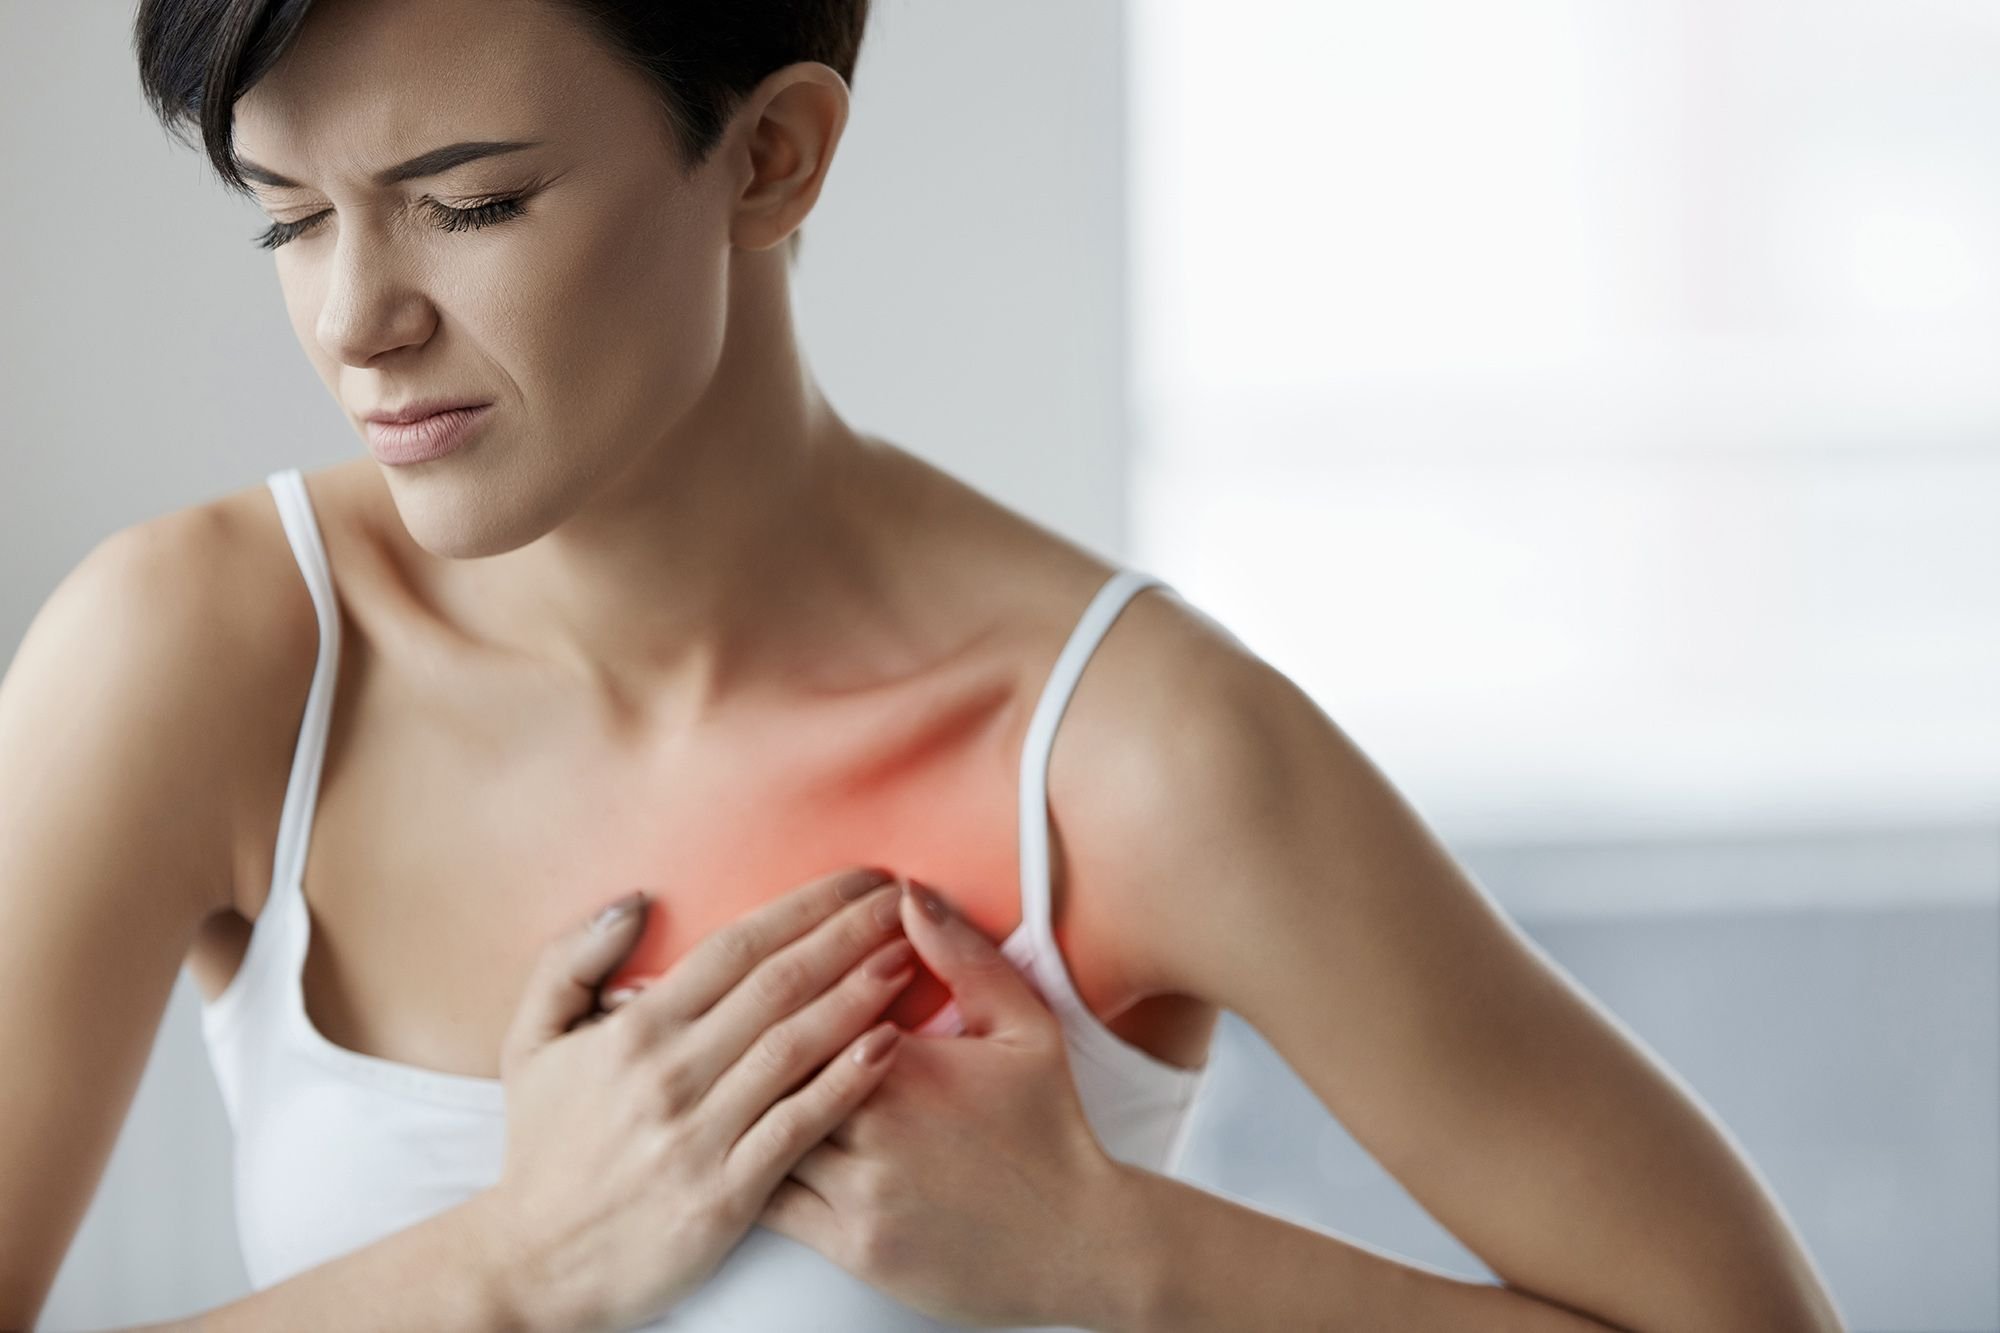 علائم حمله قلبی در زنان چیست؟ (این علائم را جدی بگیرید)